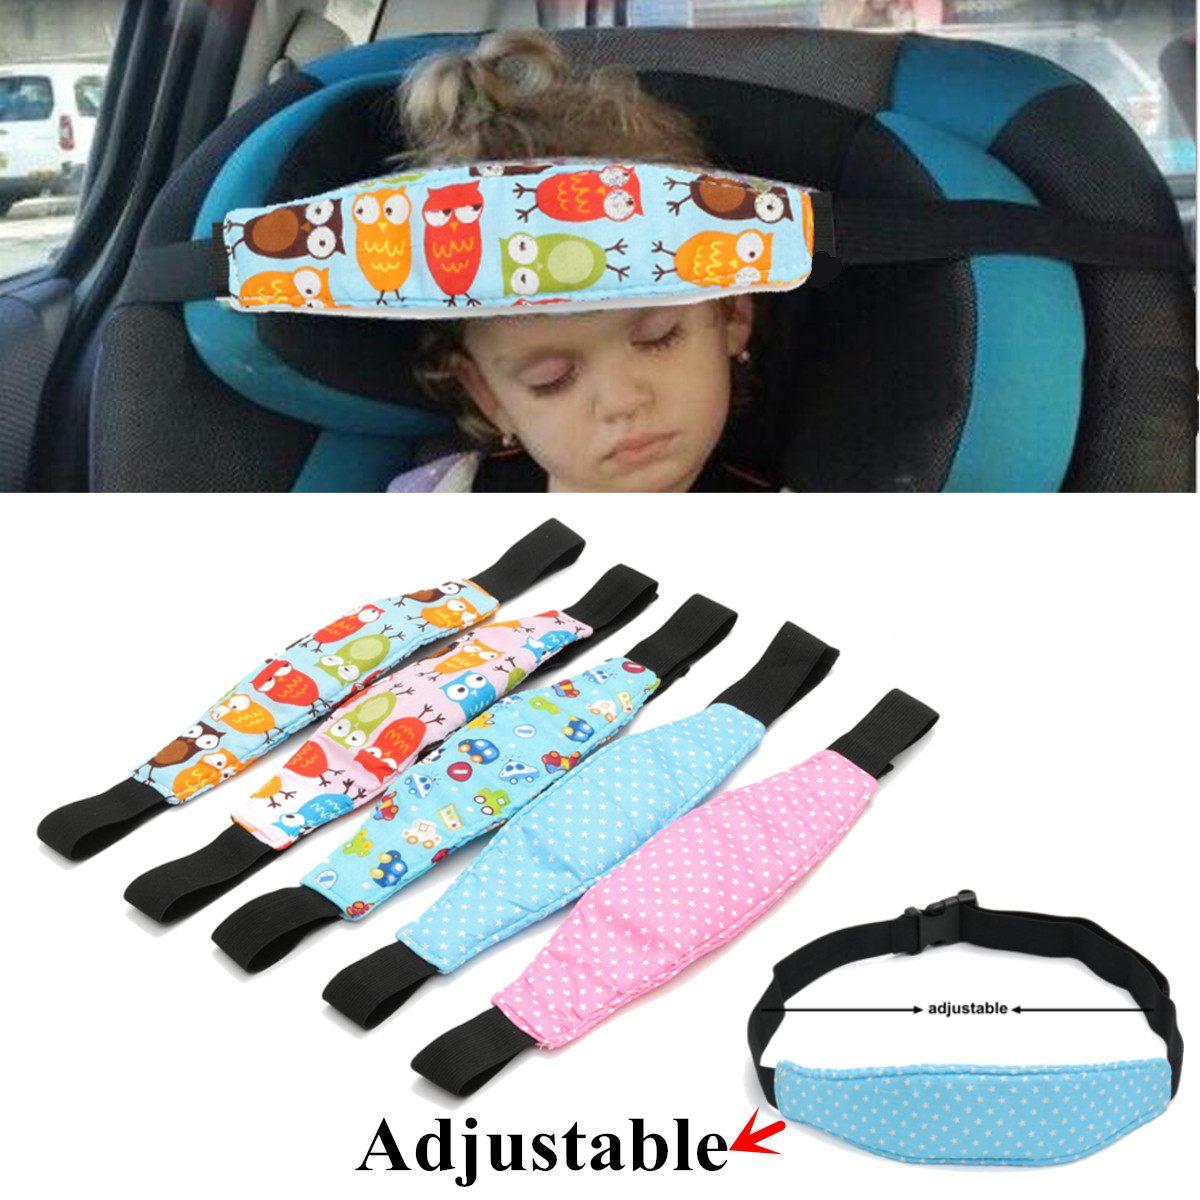 1 Pc Baby Auto Sicherheit Gürtel Auto Sitz Gürtel Schlaf Hilfe Kopf Unterstützung Für Kinder Kleinkind Auto Sitz Reise Schlaf Cutton Hilfe Kopfband Einfach Zu Verwenden